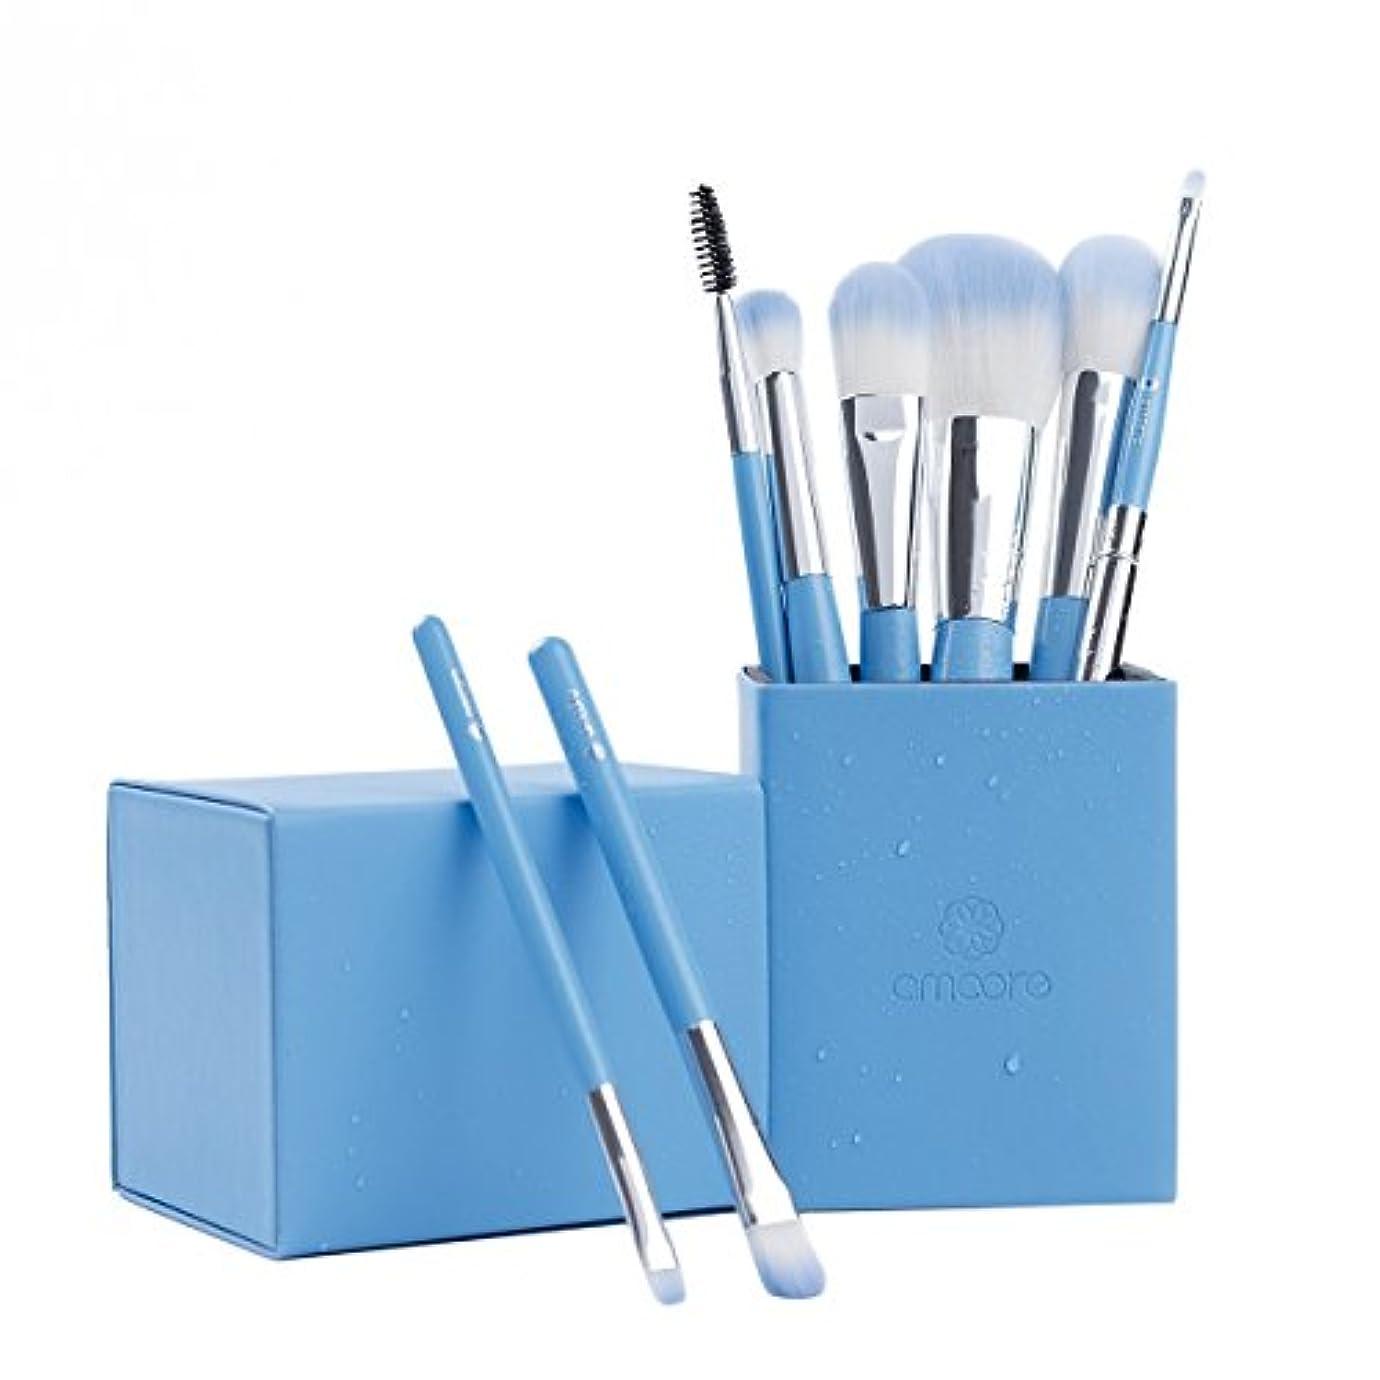 前部必要としている助言するamoore 化粧筆 メイクブラシセット 化粧ブラシ セット コスメ ブラシ 収納ケース付き (8本, 水色)